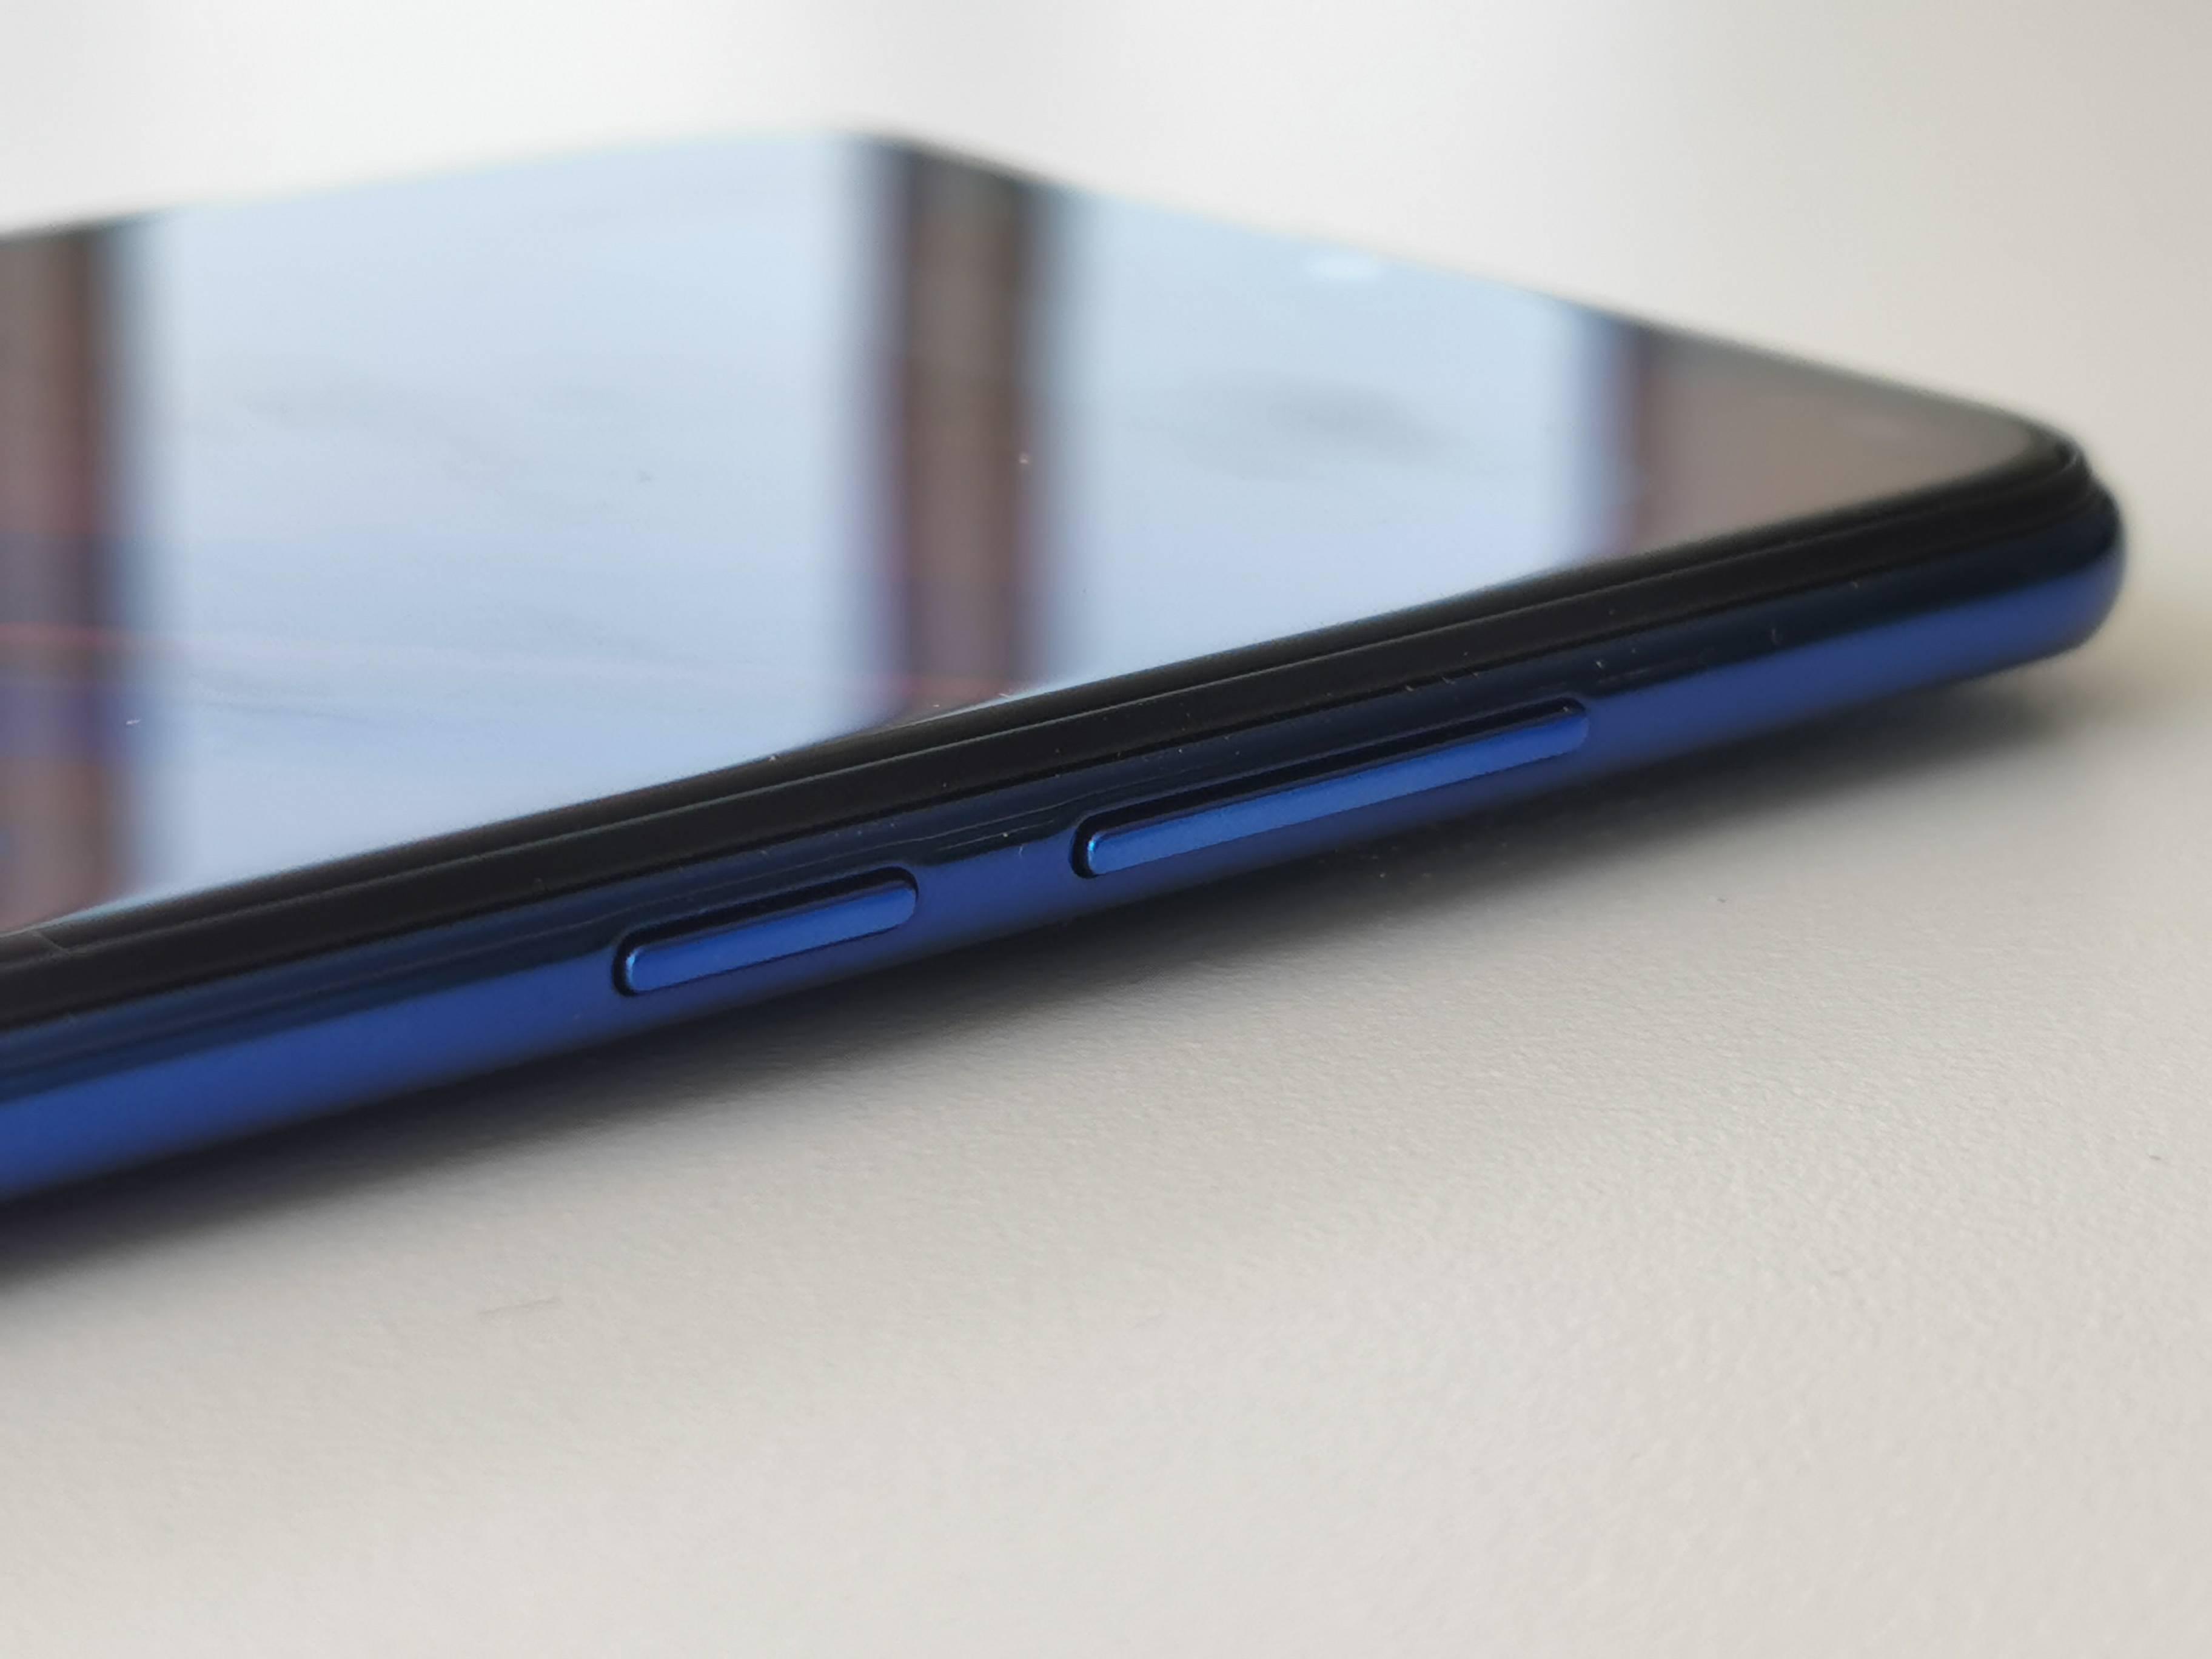 El gama media que llega con todo: Review del Blu G9 [FW Labs]